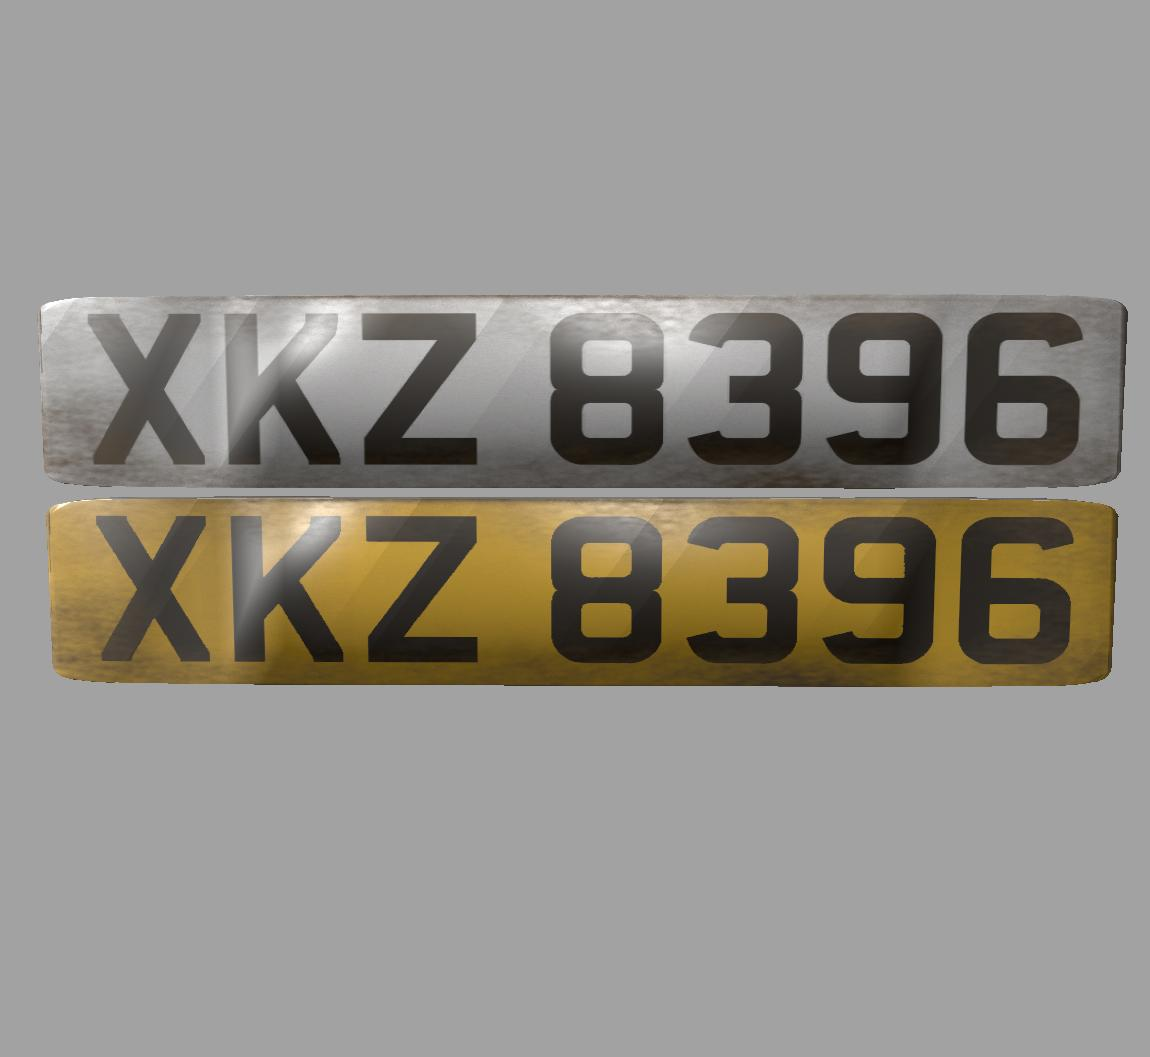 Northern irish plates v2.1